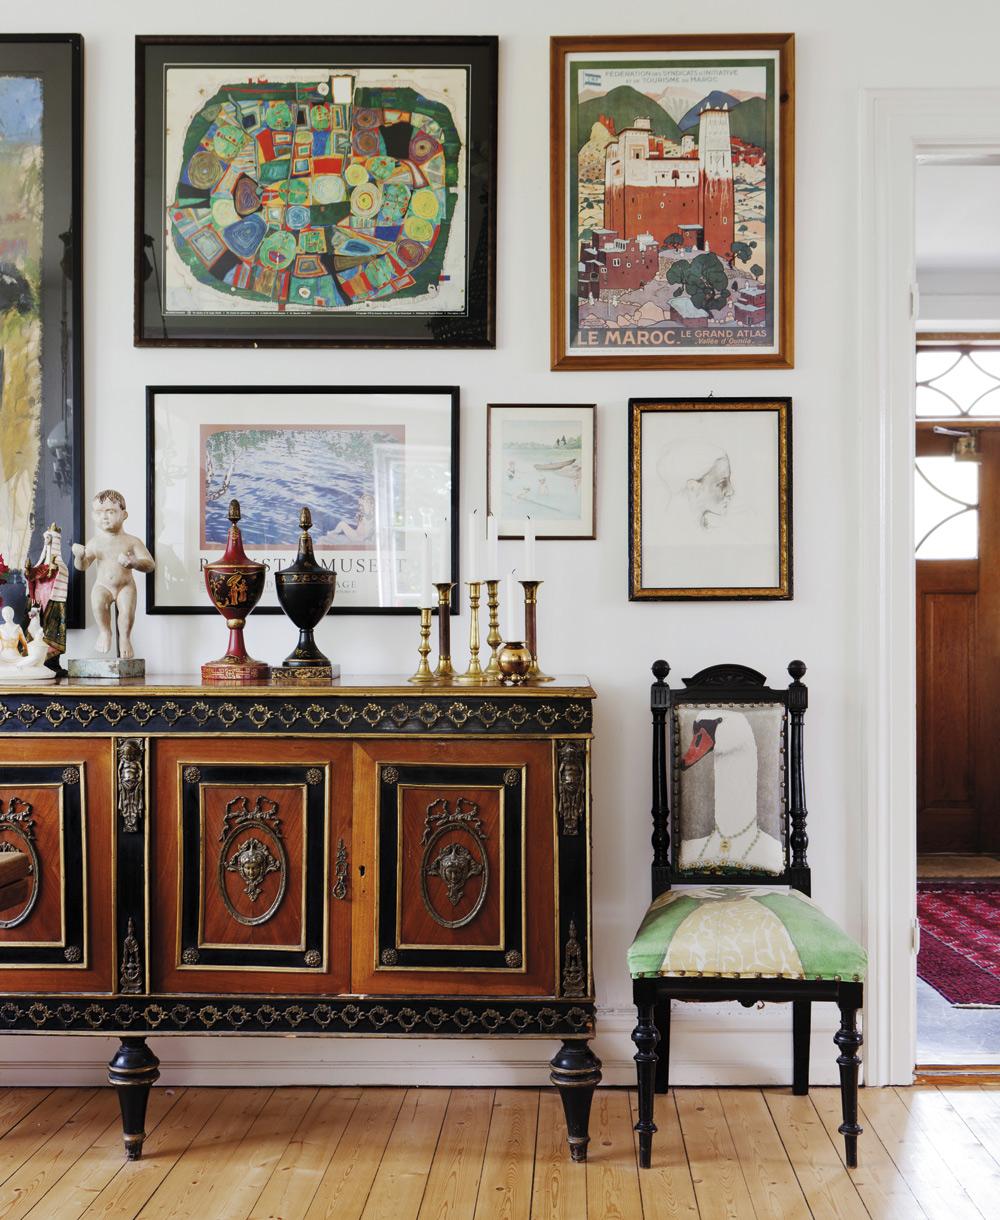 Skänk.Den är inhandlad på Lauritz.com. Det finns en likadan skänk till som har fått bli en kommod i badrummet. På väggen hänger en blandad kompott av tavlor, posters och porträtt. Den stora färgrika målningen är Sandras favoritkonstnär Huntertwasser. Det lilla porträttet över stolen föreställer Sandra. Stolen är klädd i ett tyg som tryckts med maken Klas mönster på.